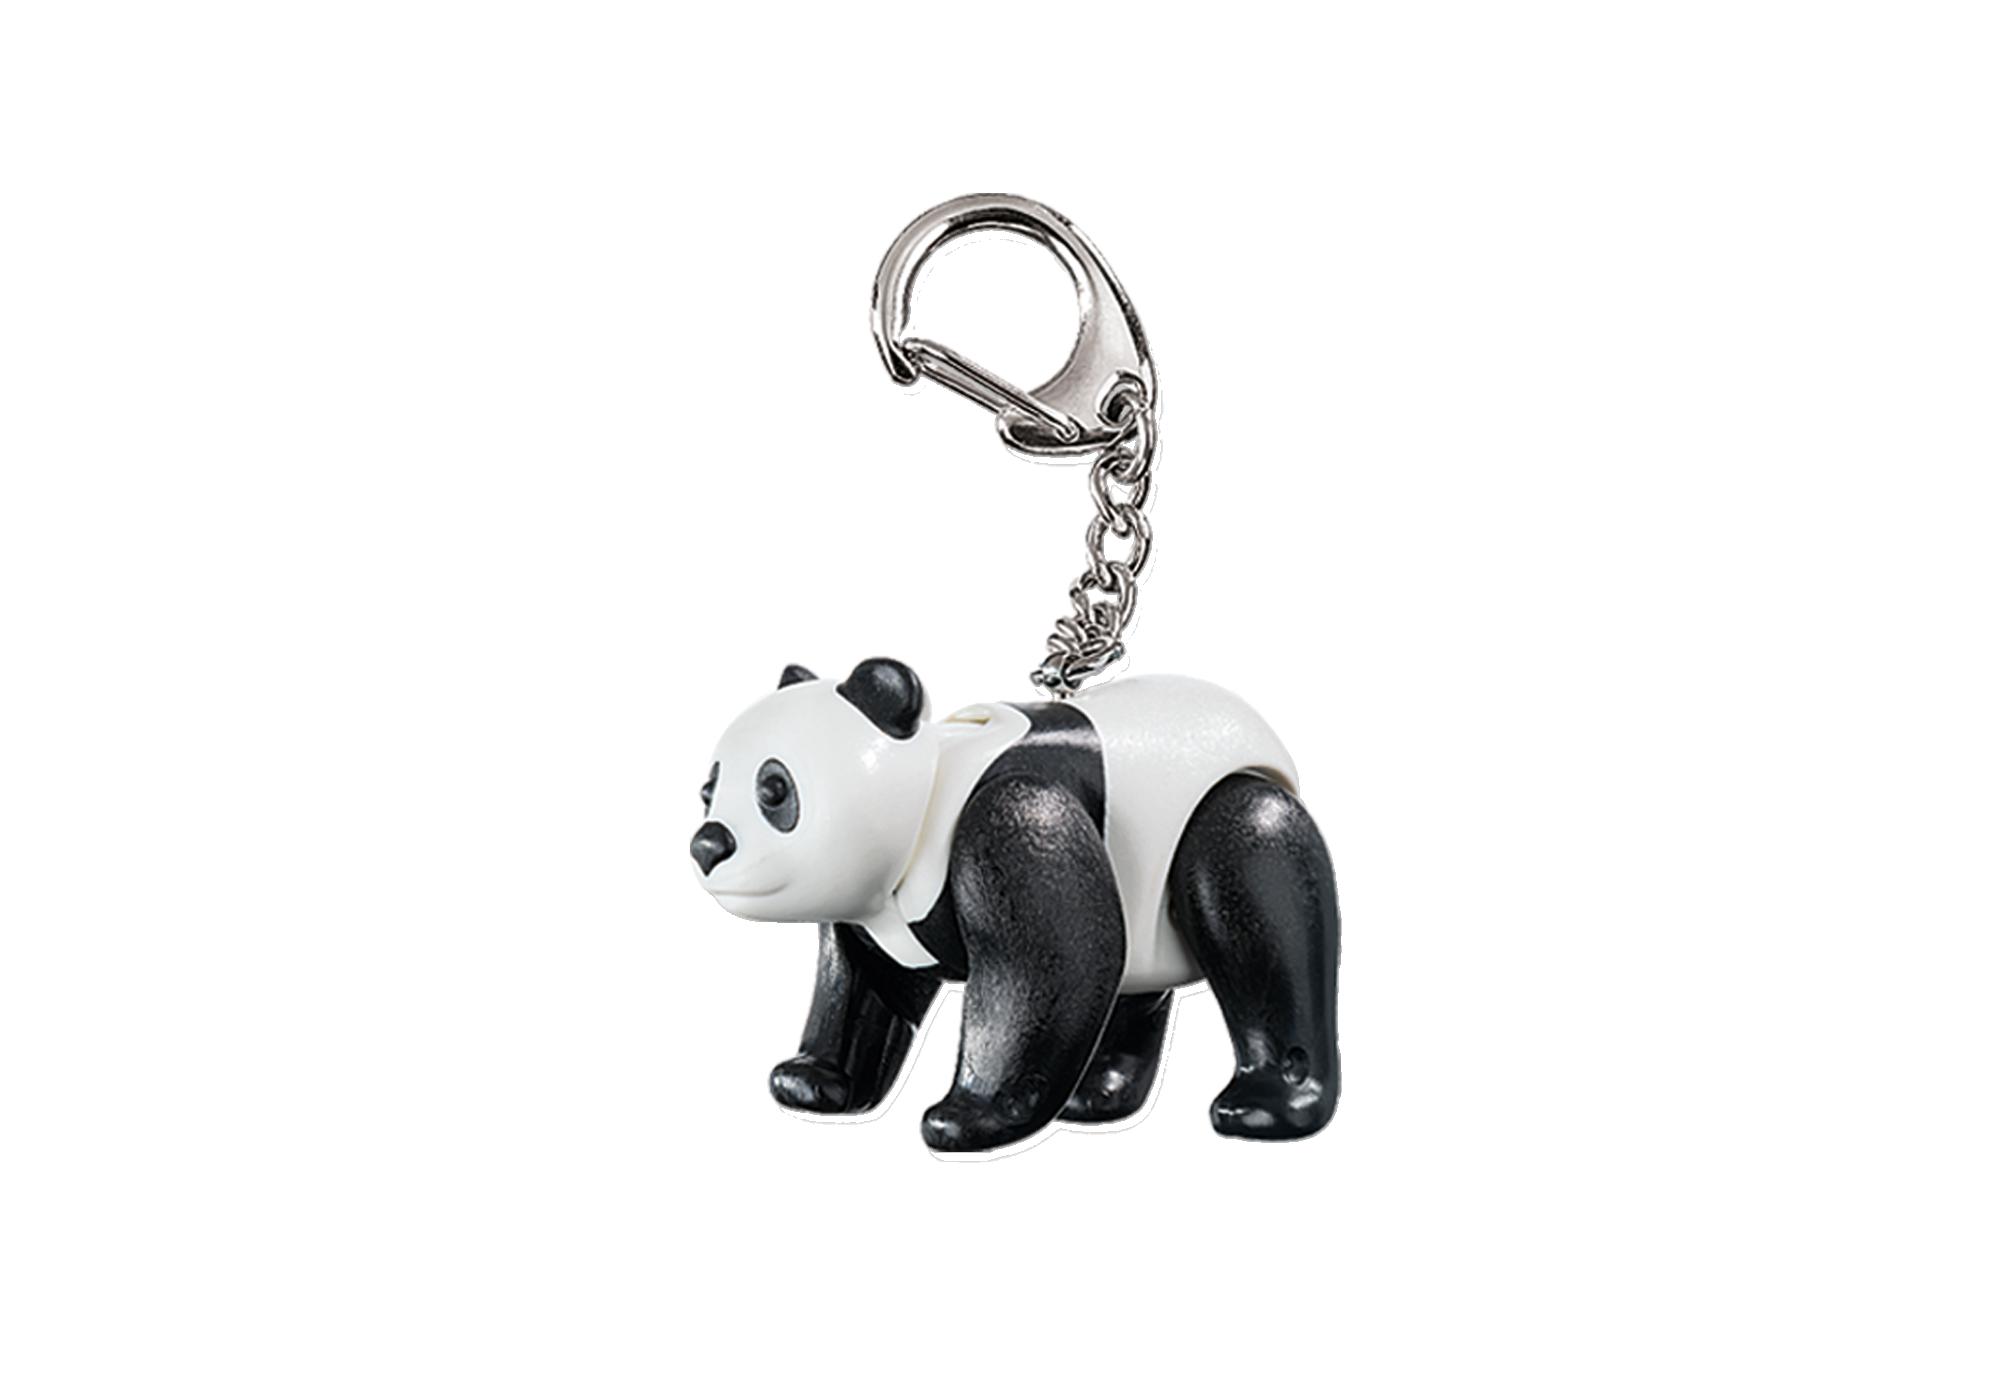 http://media.playmobil.com/i/playmobil/6612_product_detail/Schlüsselanhänger Panda